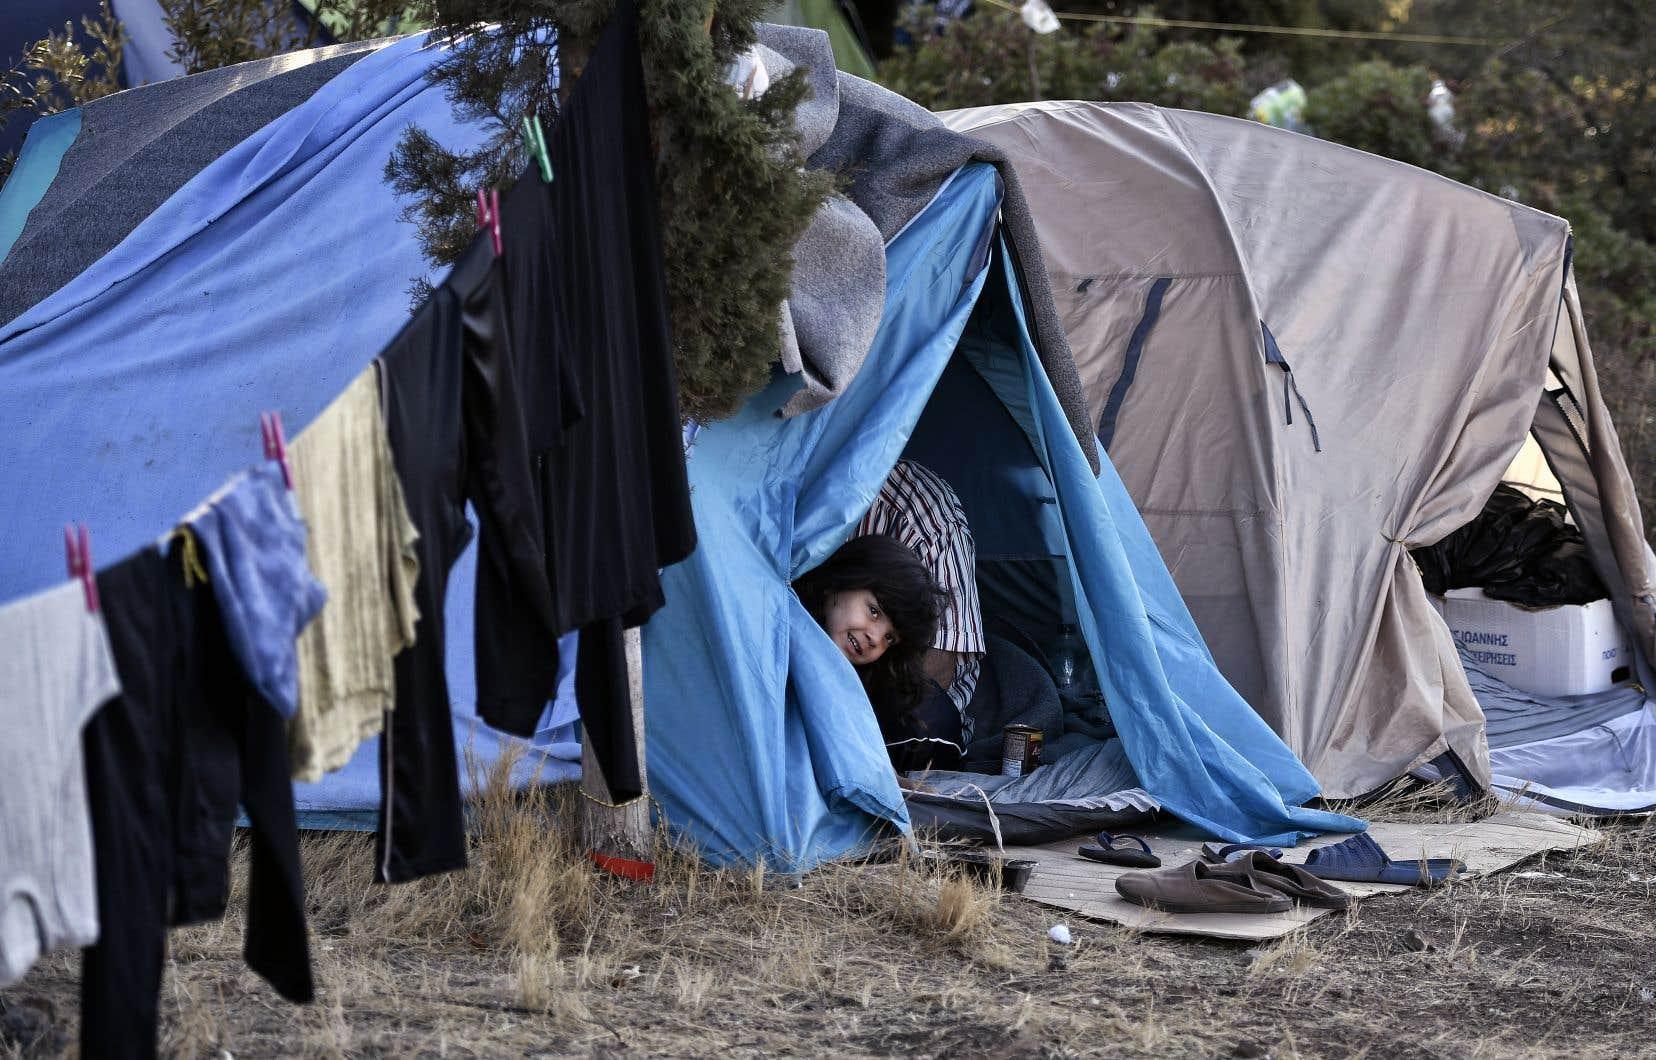 Une enfant regarde à l'extérieur d'une tente établie dans un camp de migrants sur l'île grecque de Samos.Les réfugiés piégés sur les îles grecques vivent dans des conditions sanitaires inacceptables, rappelle l'auteure.